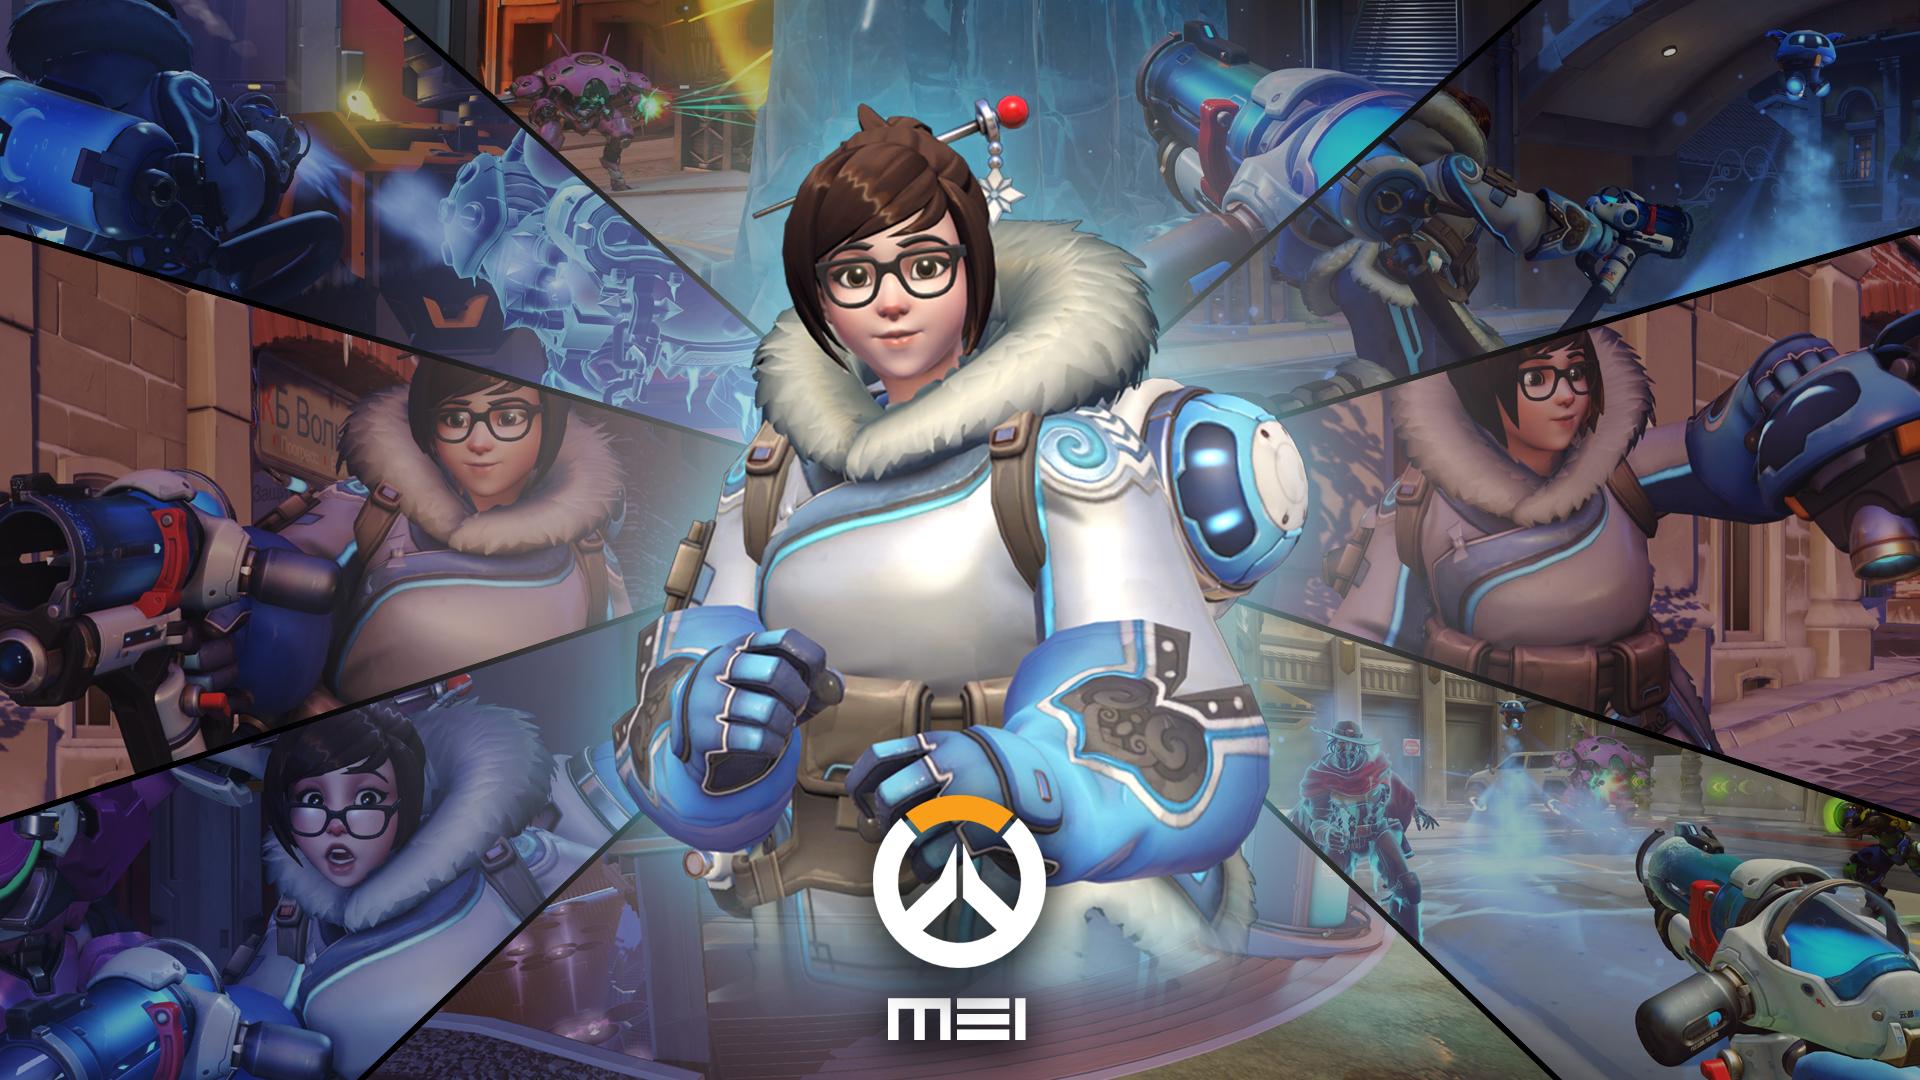 Mei is bae deviantart - Mei wallpaper ...